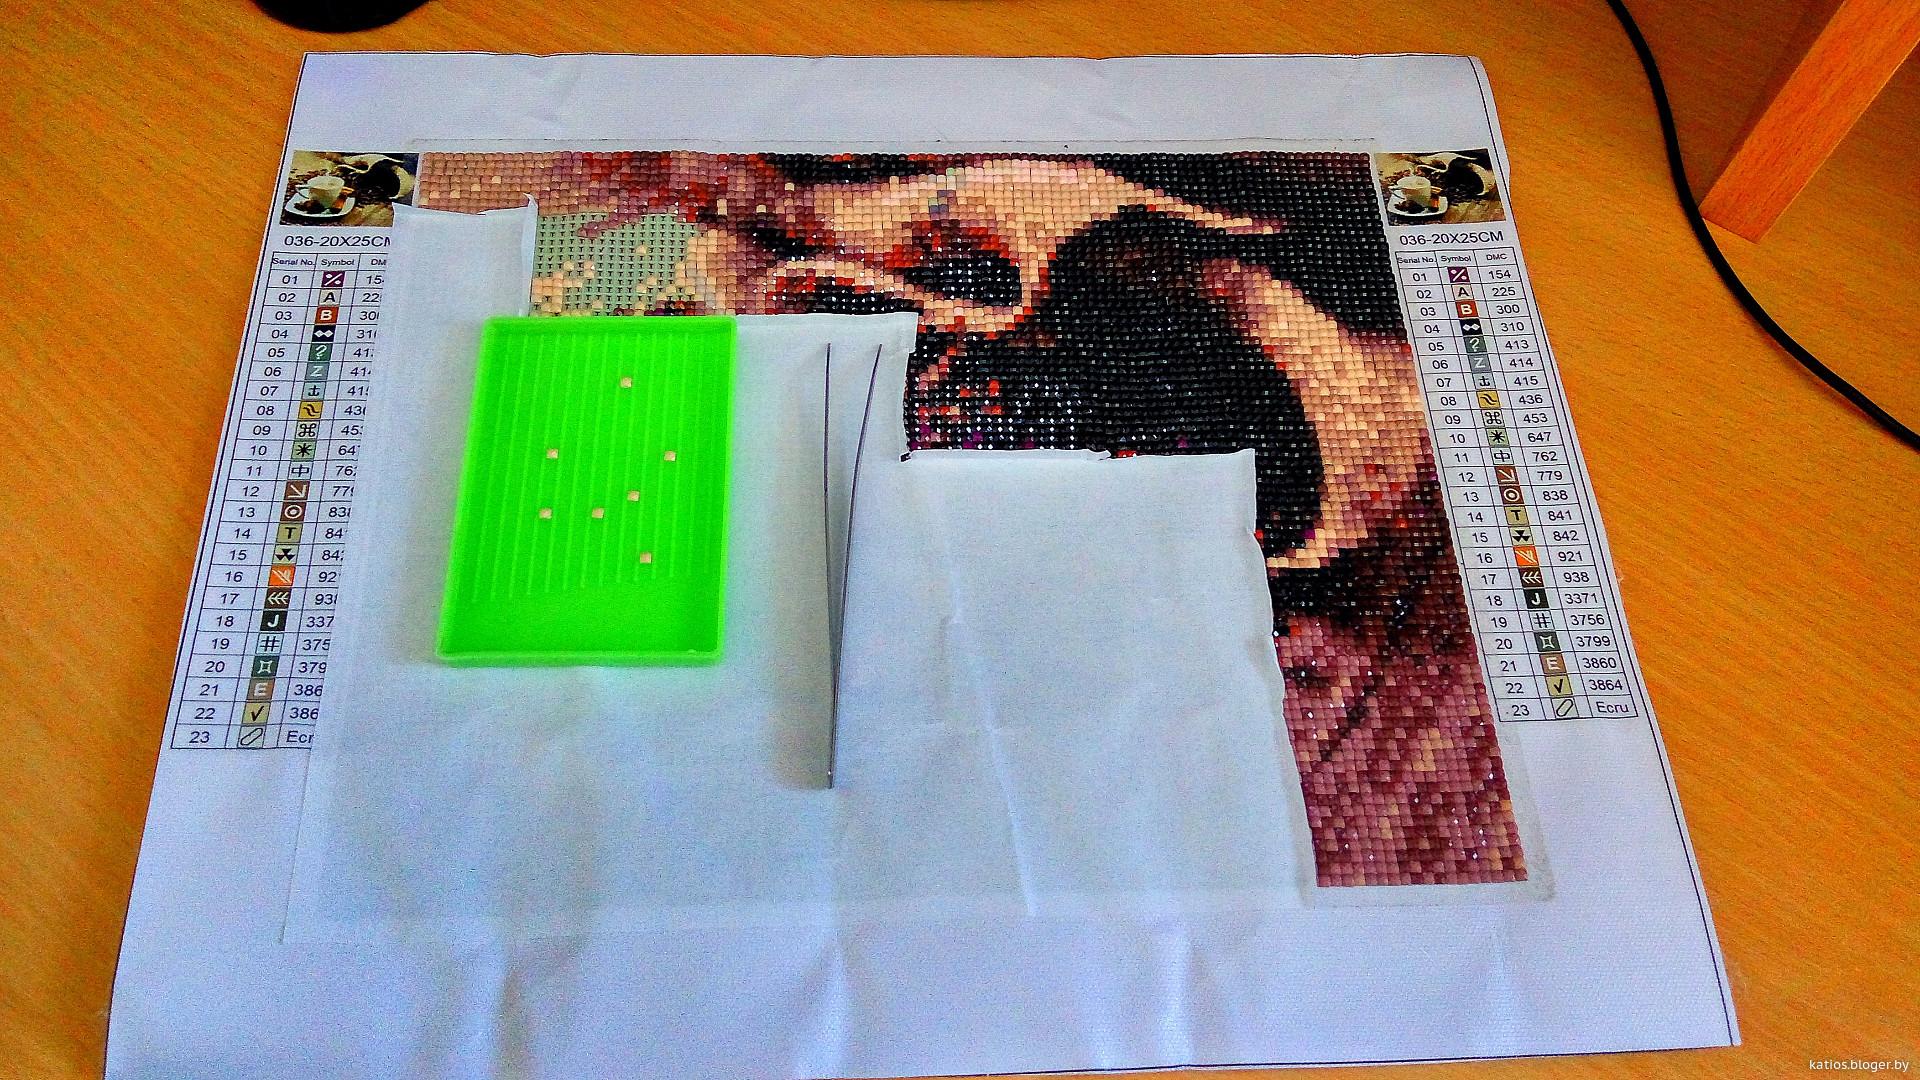 Эксклюзивная алмазная мозаика - изготовленная по Вашему эскизу (фото) 39